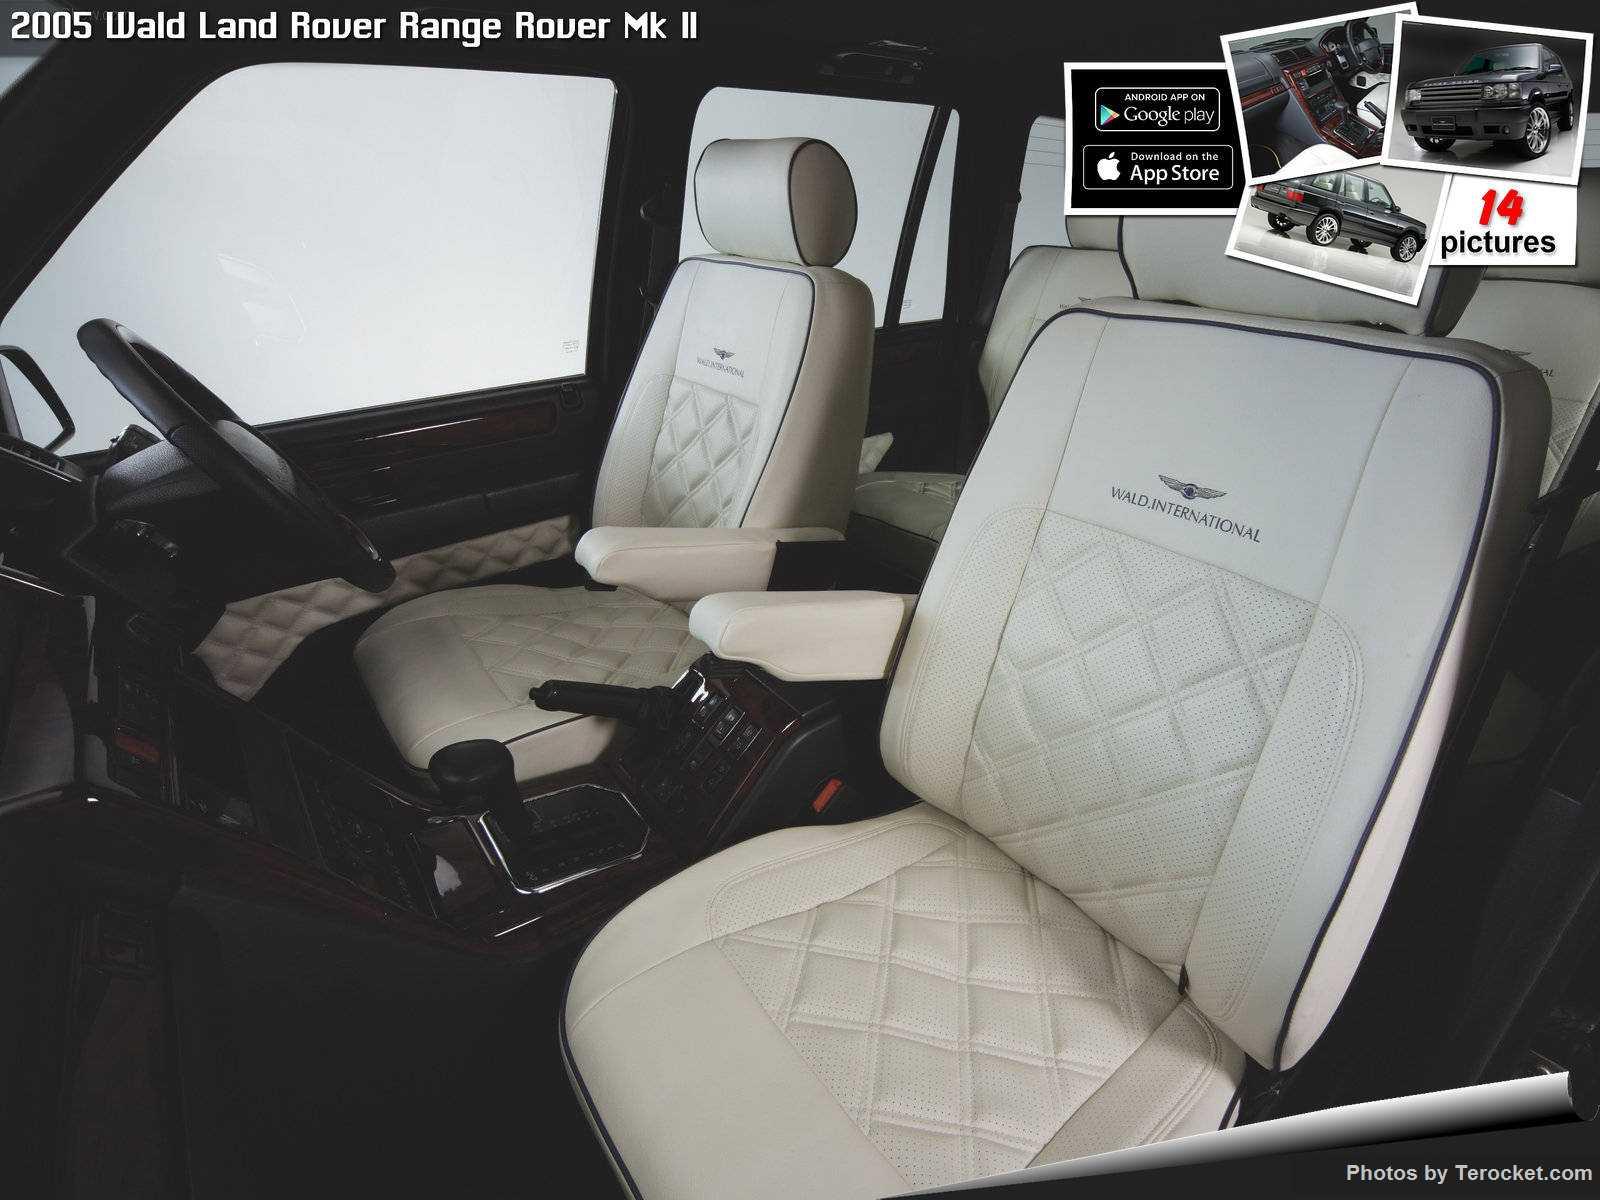 Hình ảnh xe độ Wald Land Rover Range Rover Mk II 2005 & nội ngoại thất